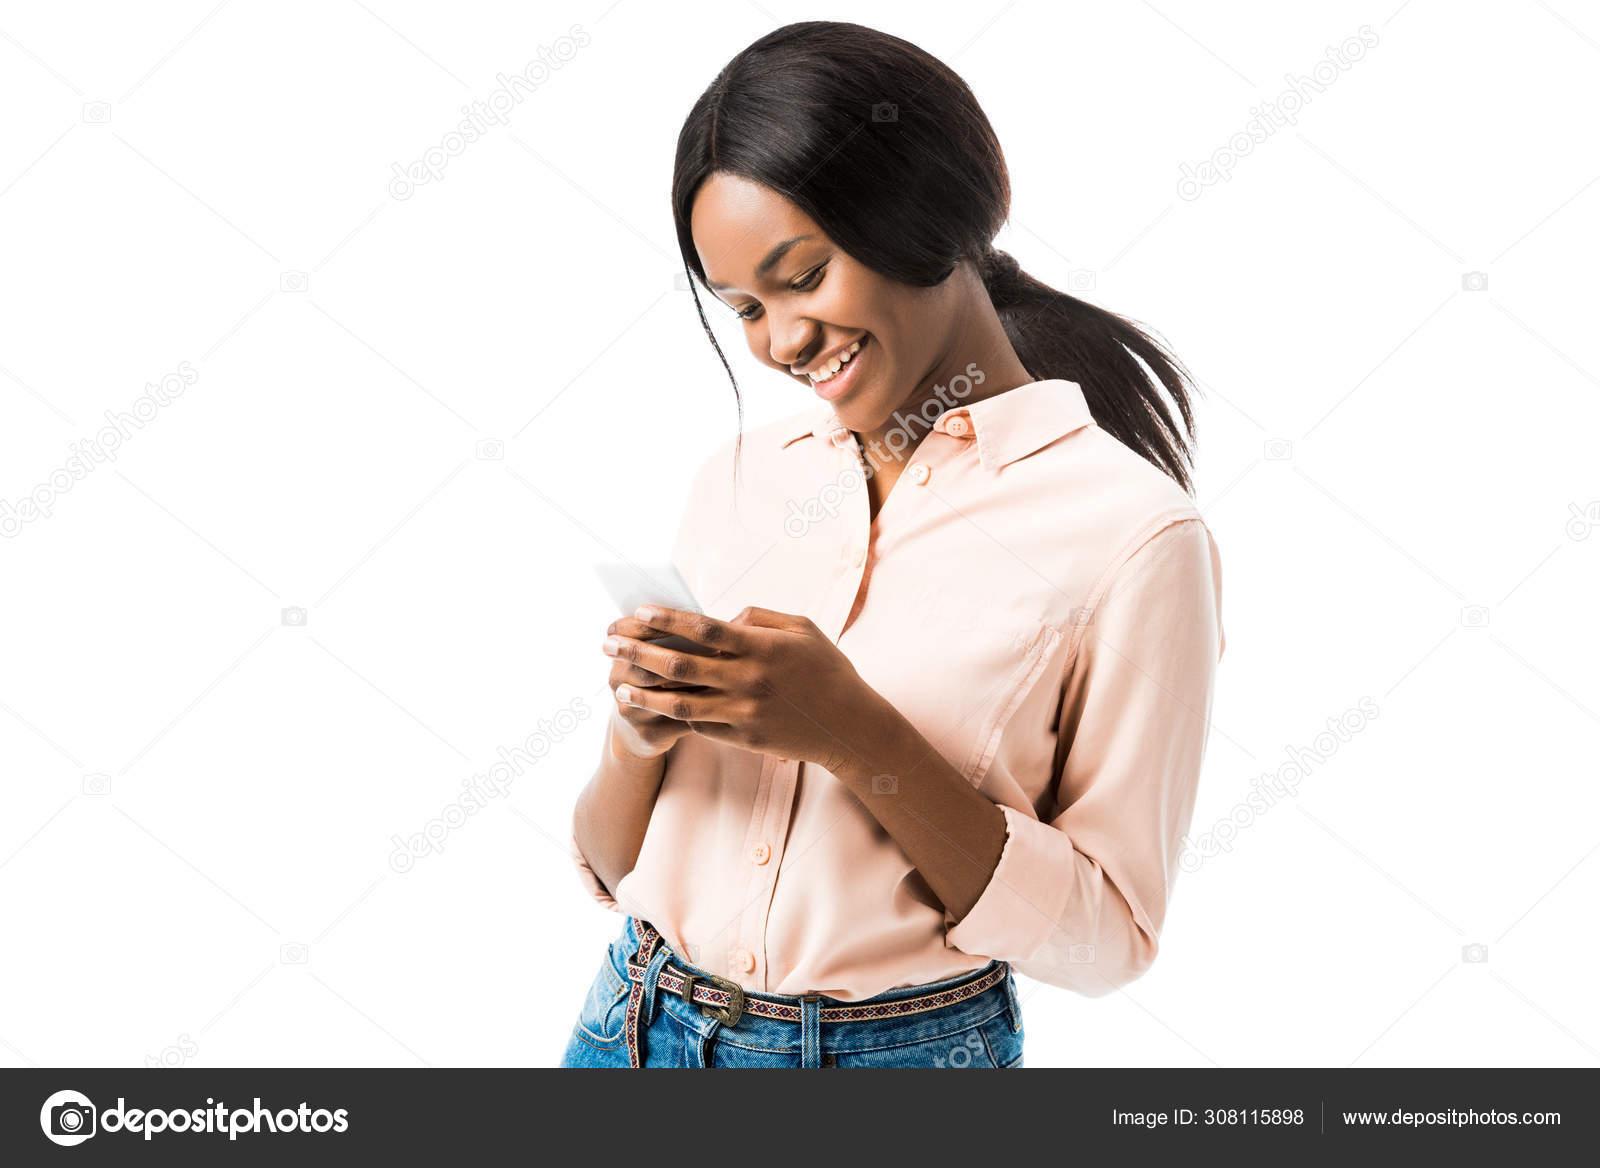 Weißes Mädchen beten schwarzes Mädchen an